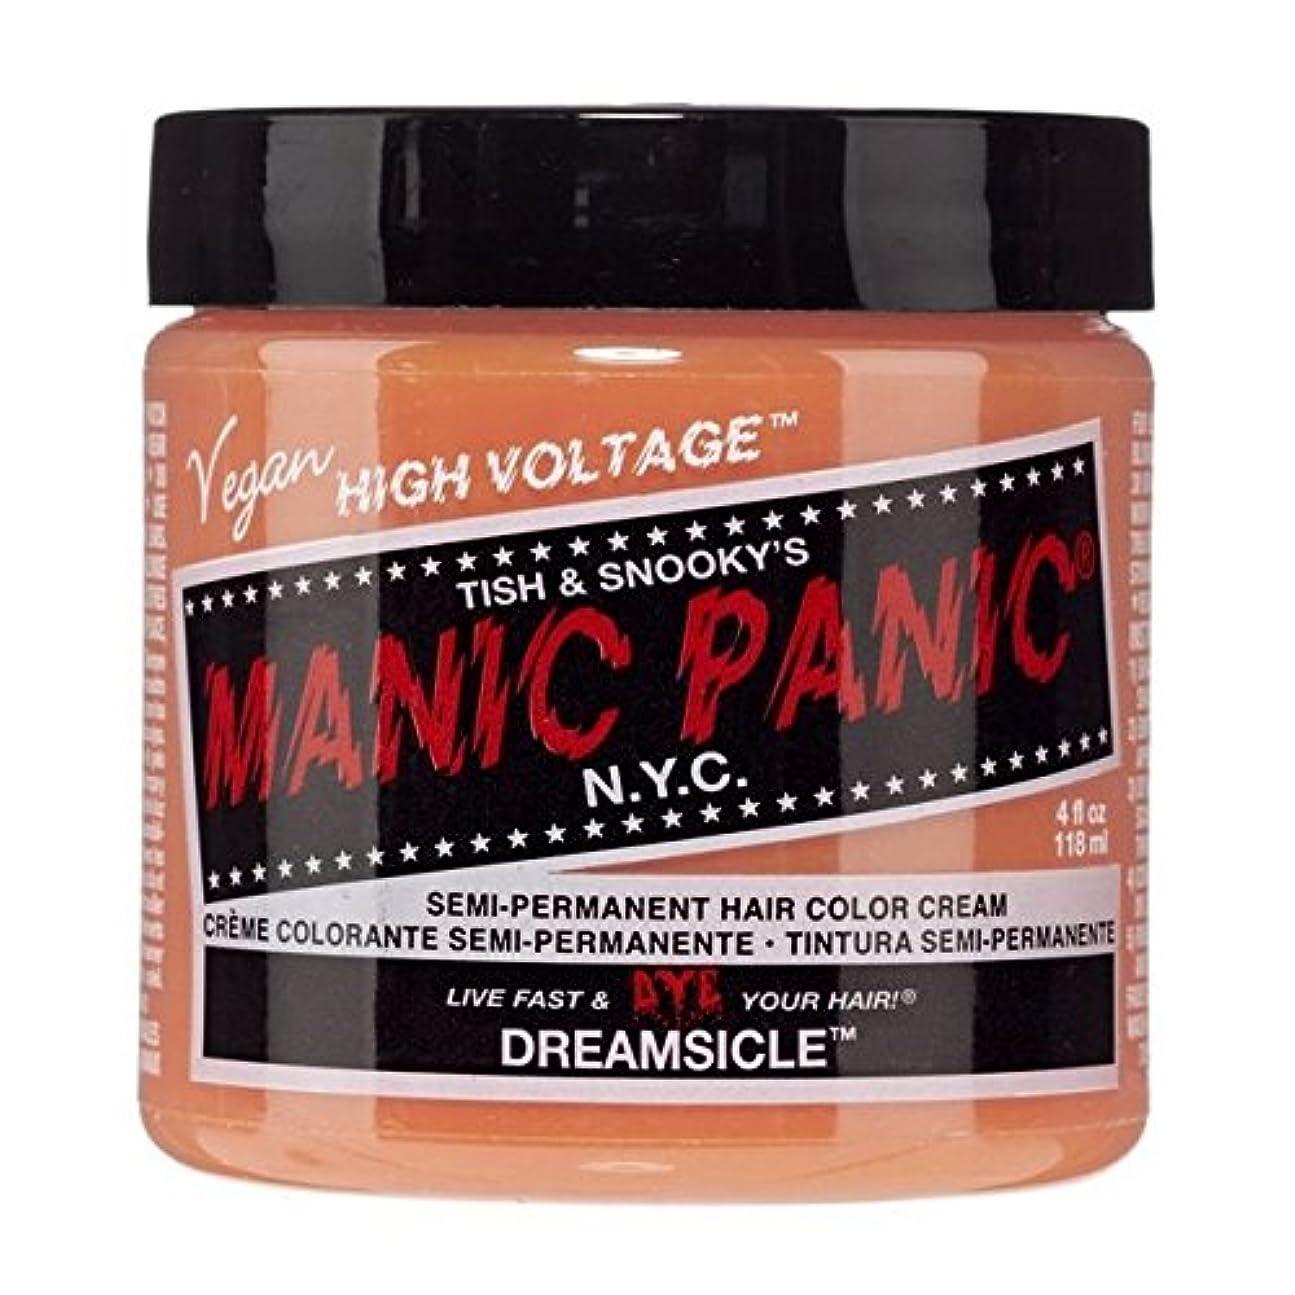 実験をする名誉ある幻想的スペシャルセットMANIC PANICマニックパニック:DREAMSICLE (ドリームサイクル)+ヘアカラーケア4点セット